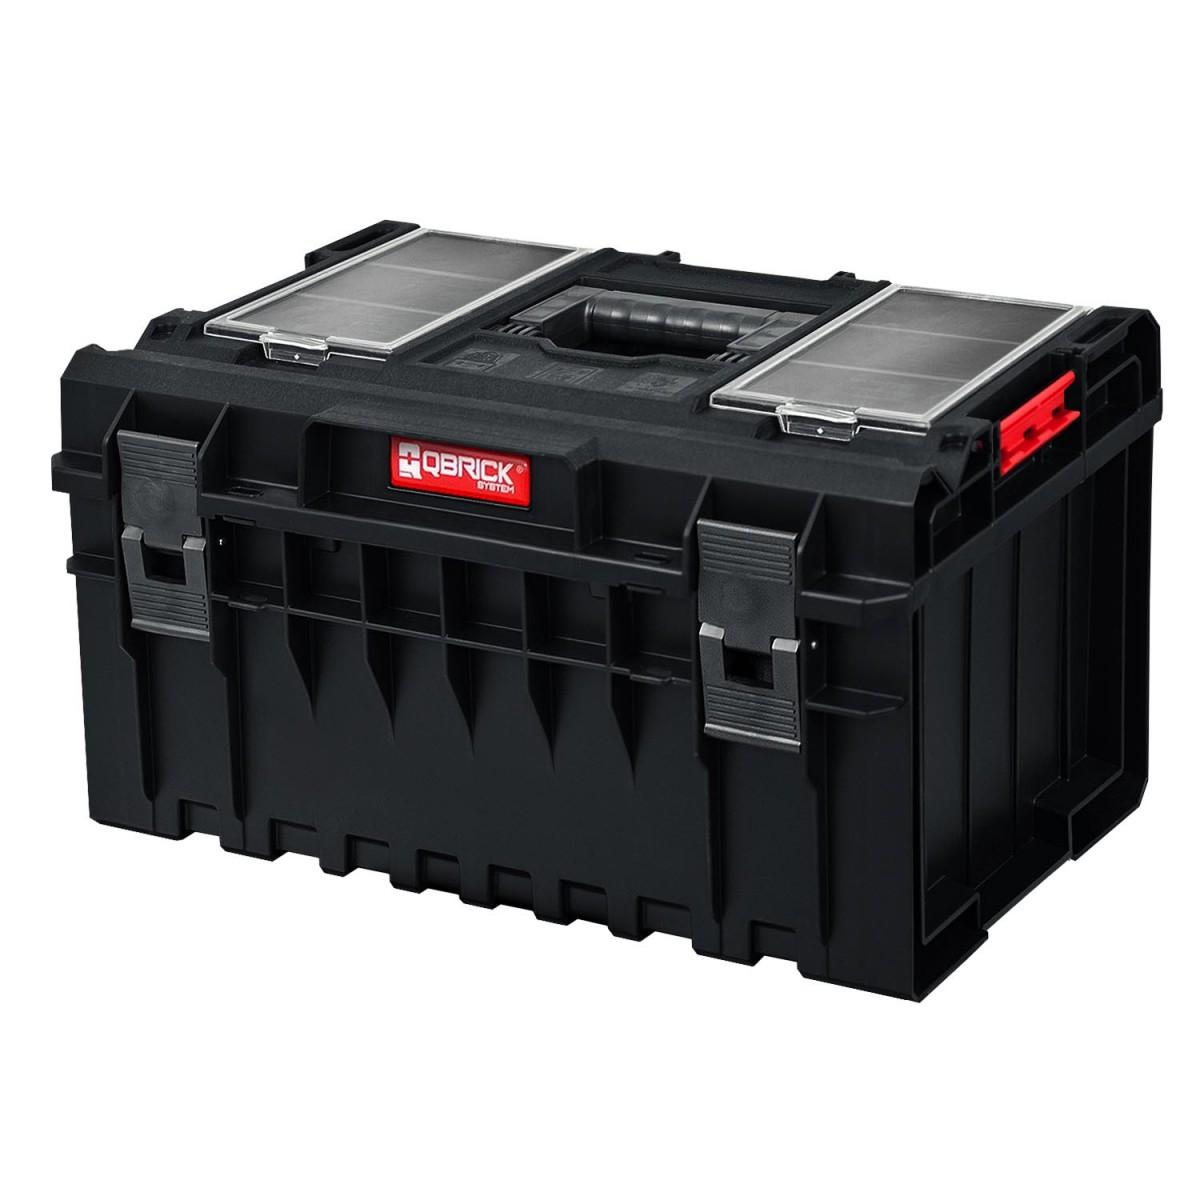 Kufr na nářadí Box QBRICK® System ONE 350 Profi Nářadí-Sklad 2 | 5,7 Kg